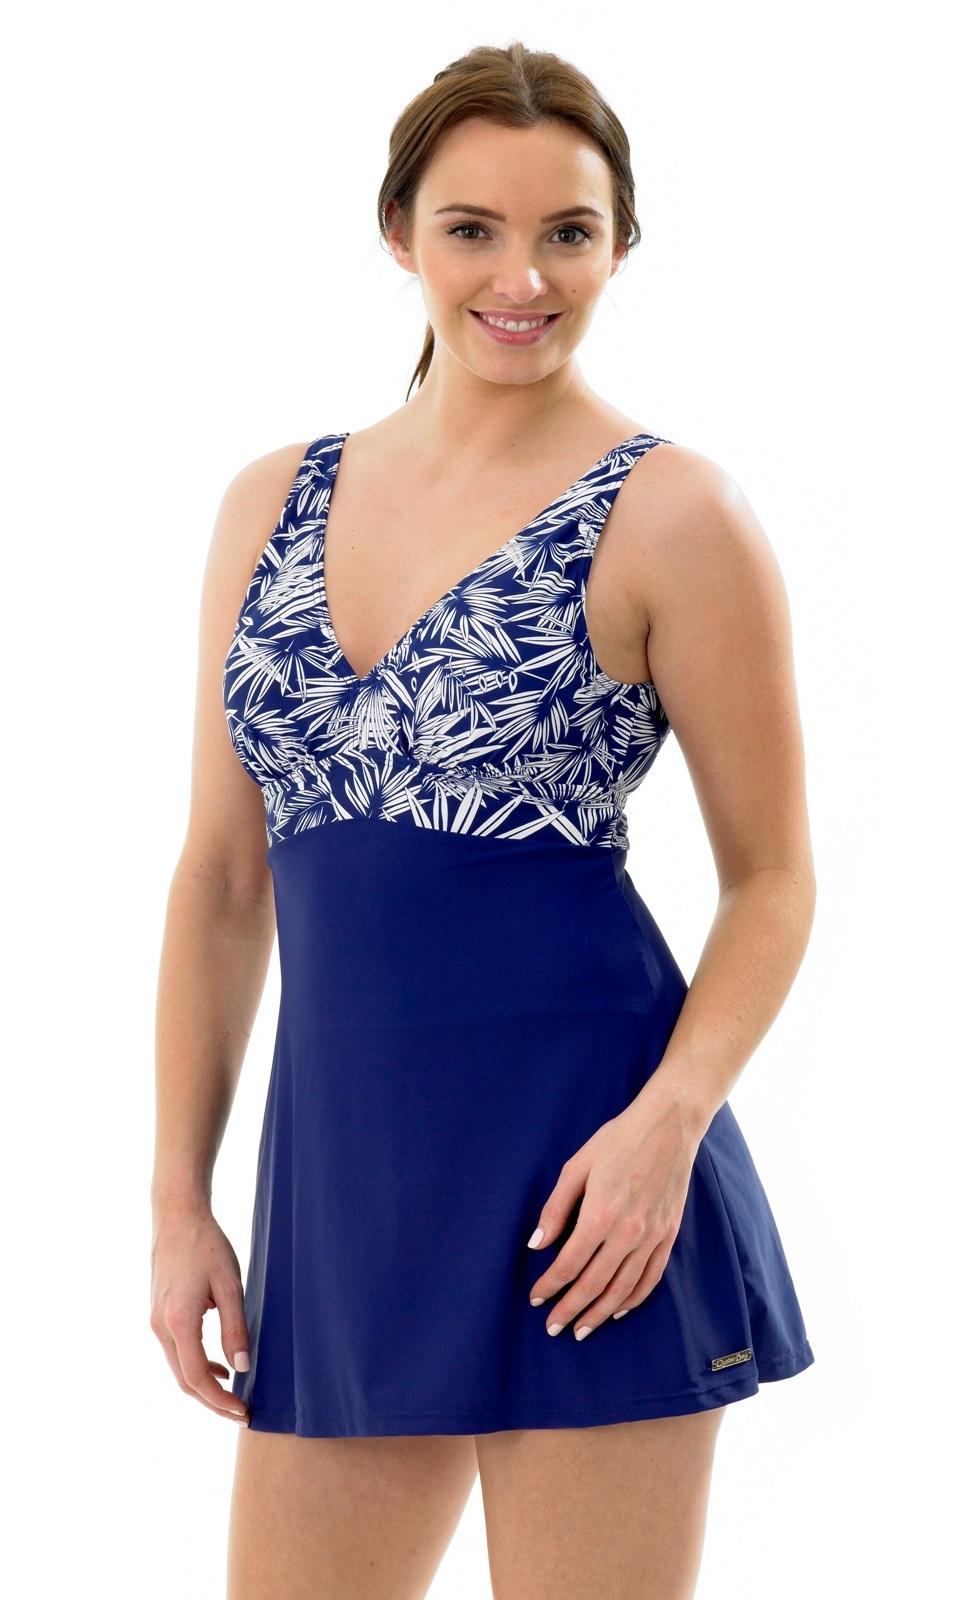 Designer Ladies Swimsuits Uk